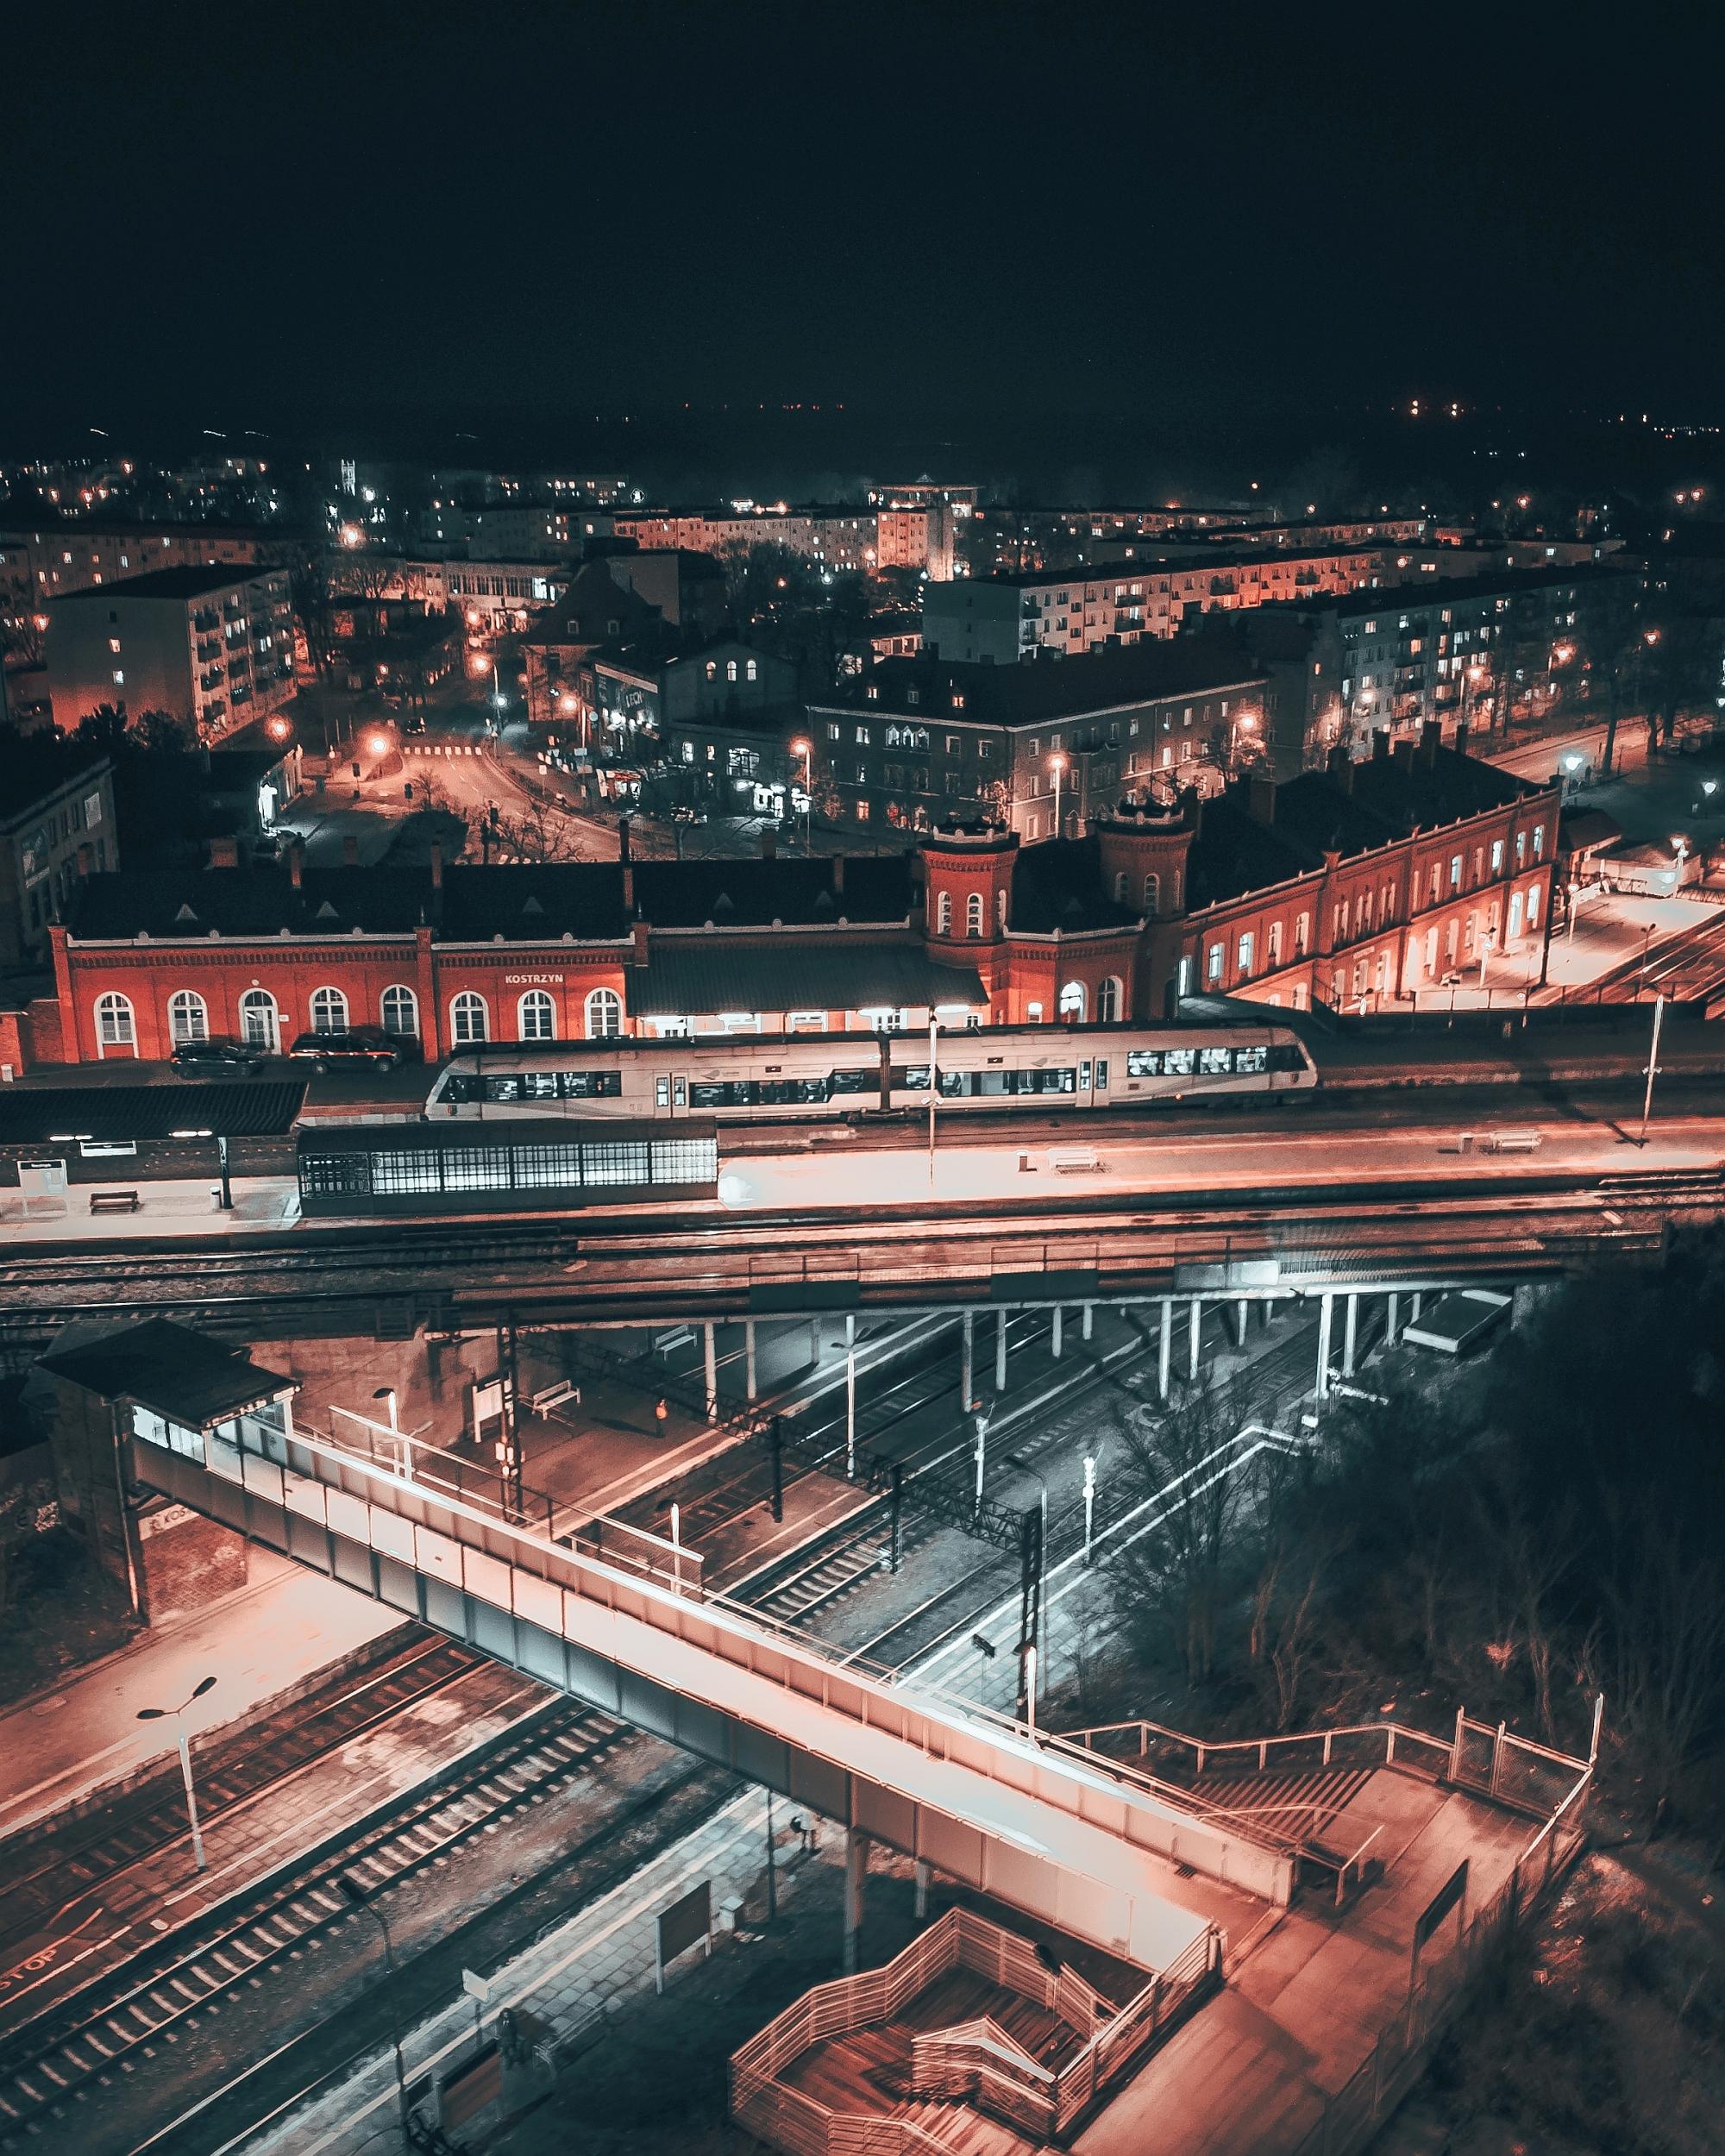 Foto: Kostrzyn nad Odrą, © S. Owczarz